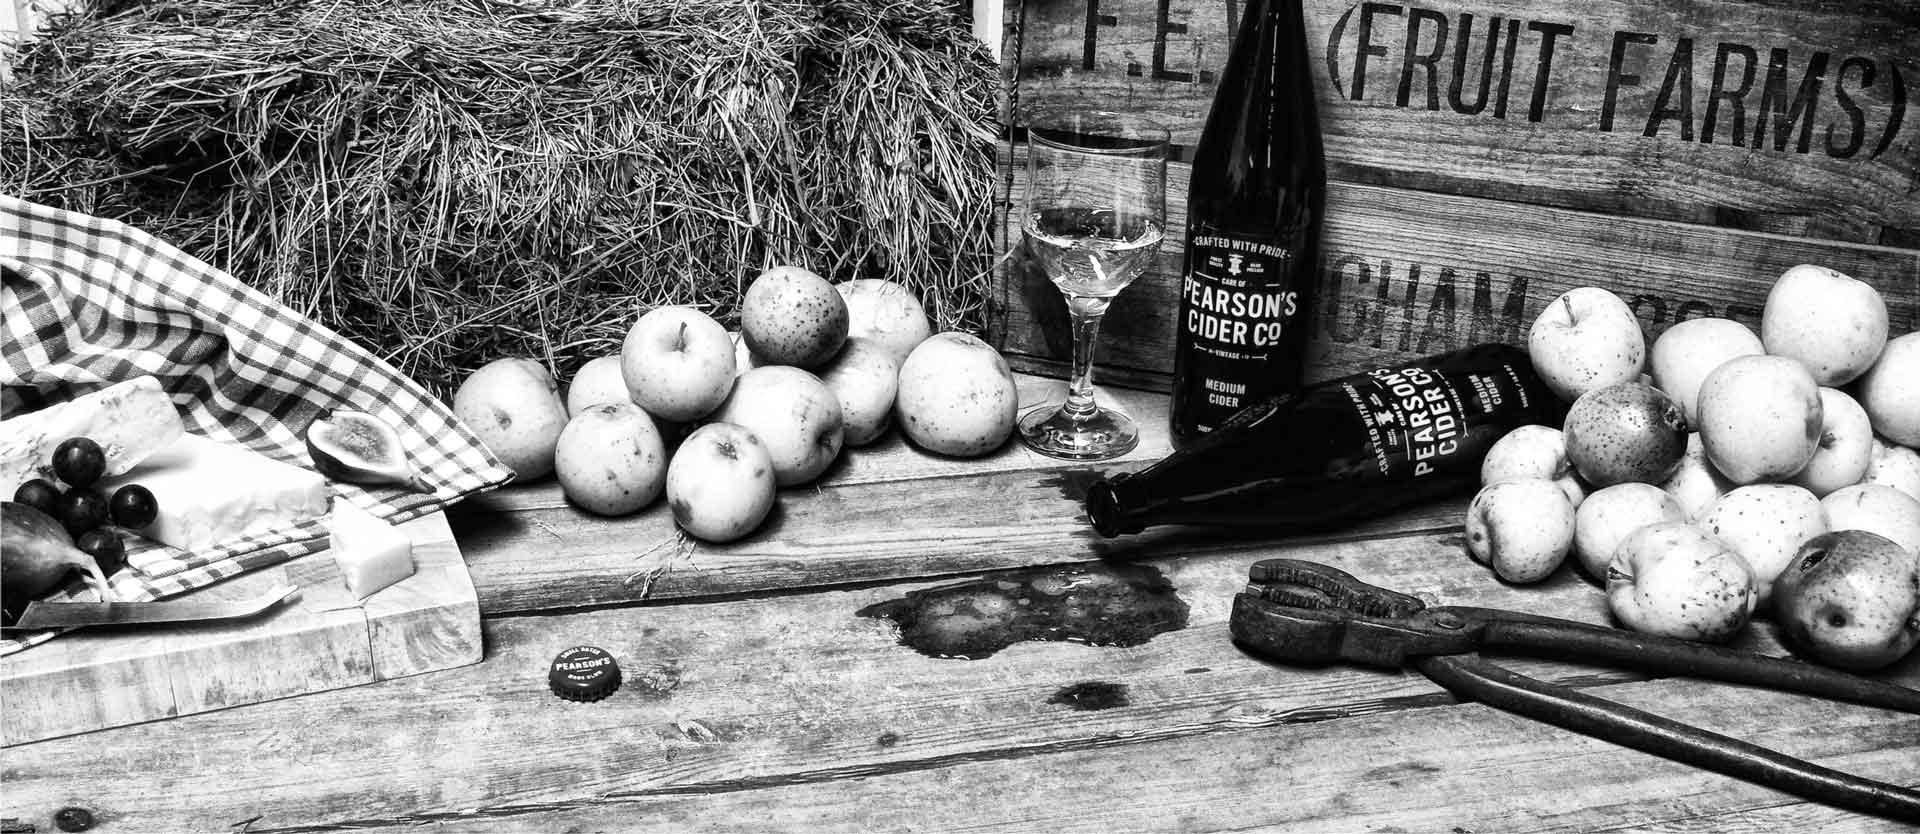 pearsons-cider-lets-talk-cider